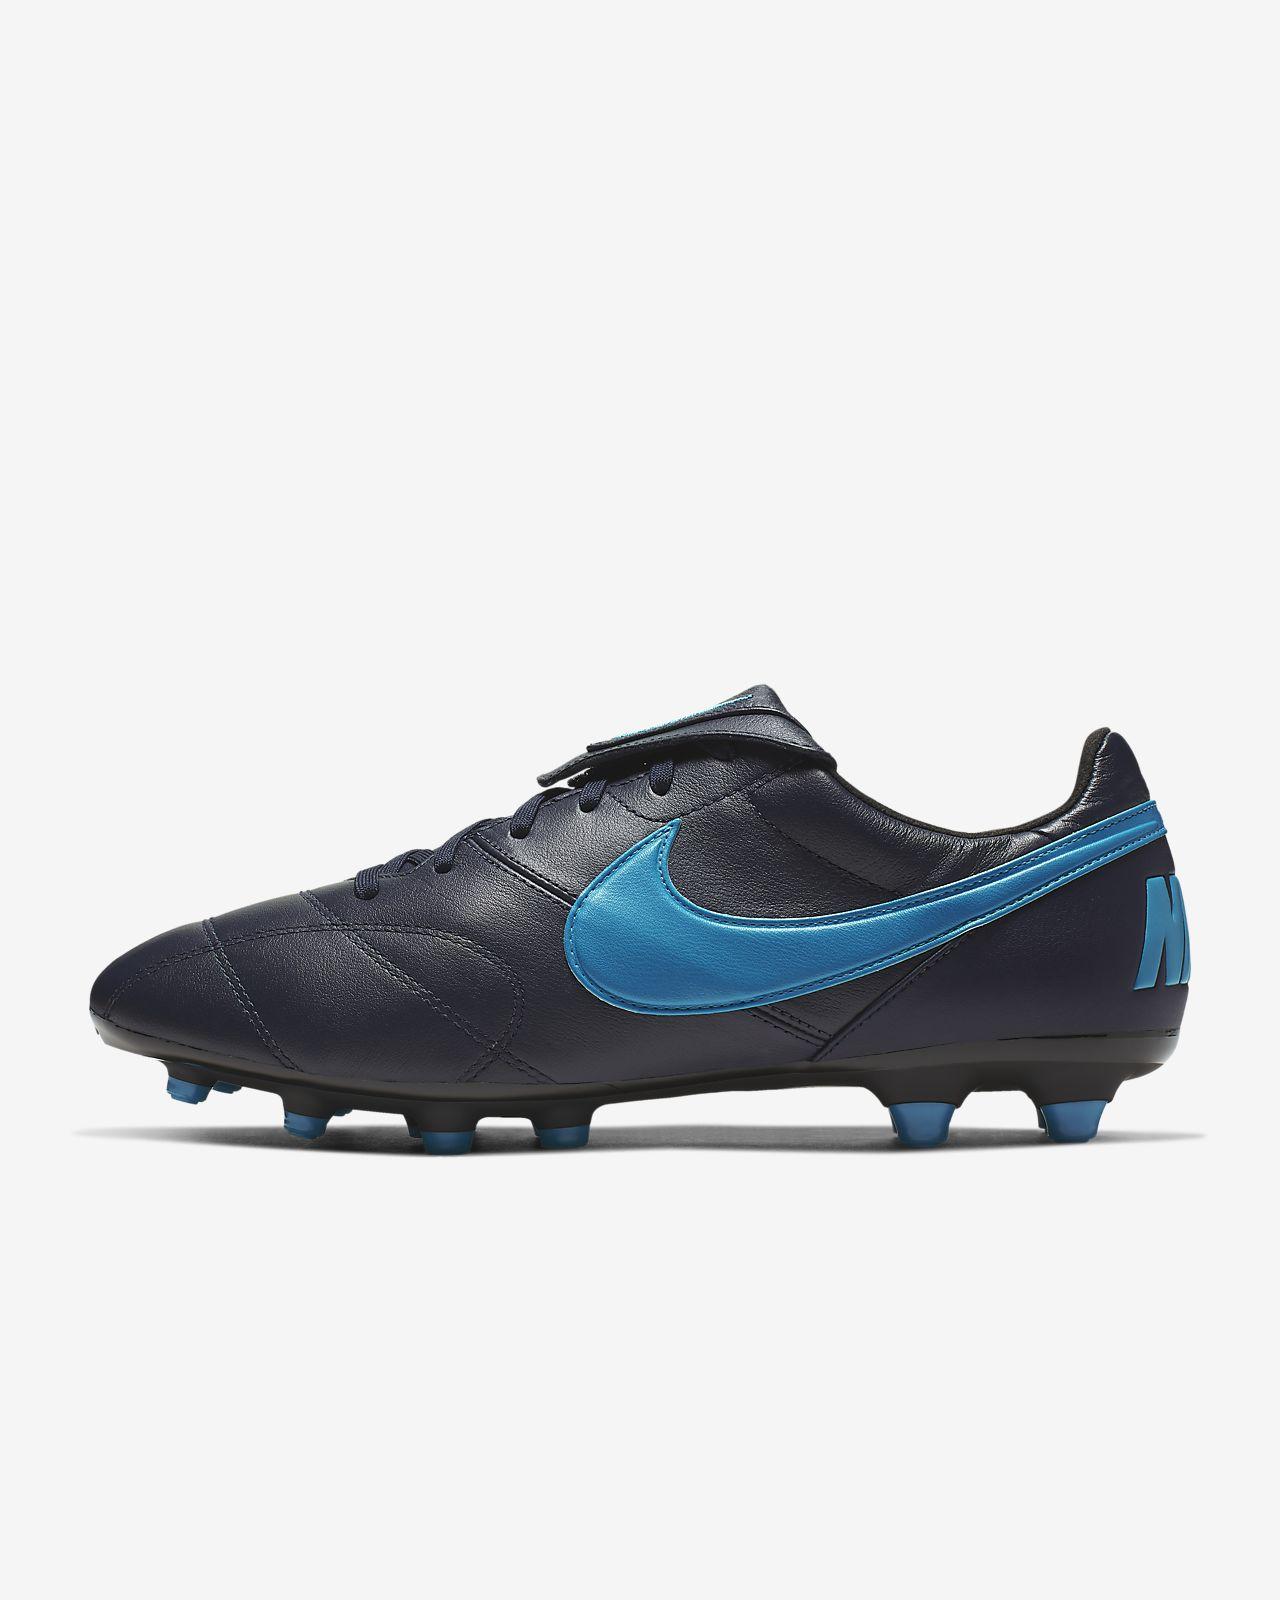 Football Ii Chaussure Sec Fg Nike Terrain De Premier À Crampons Pour 43A5qRjL